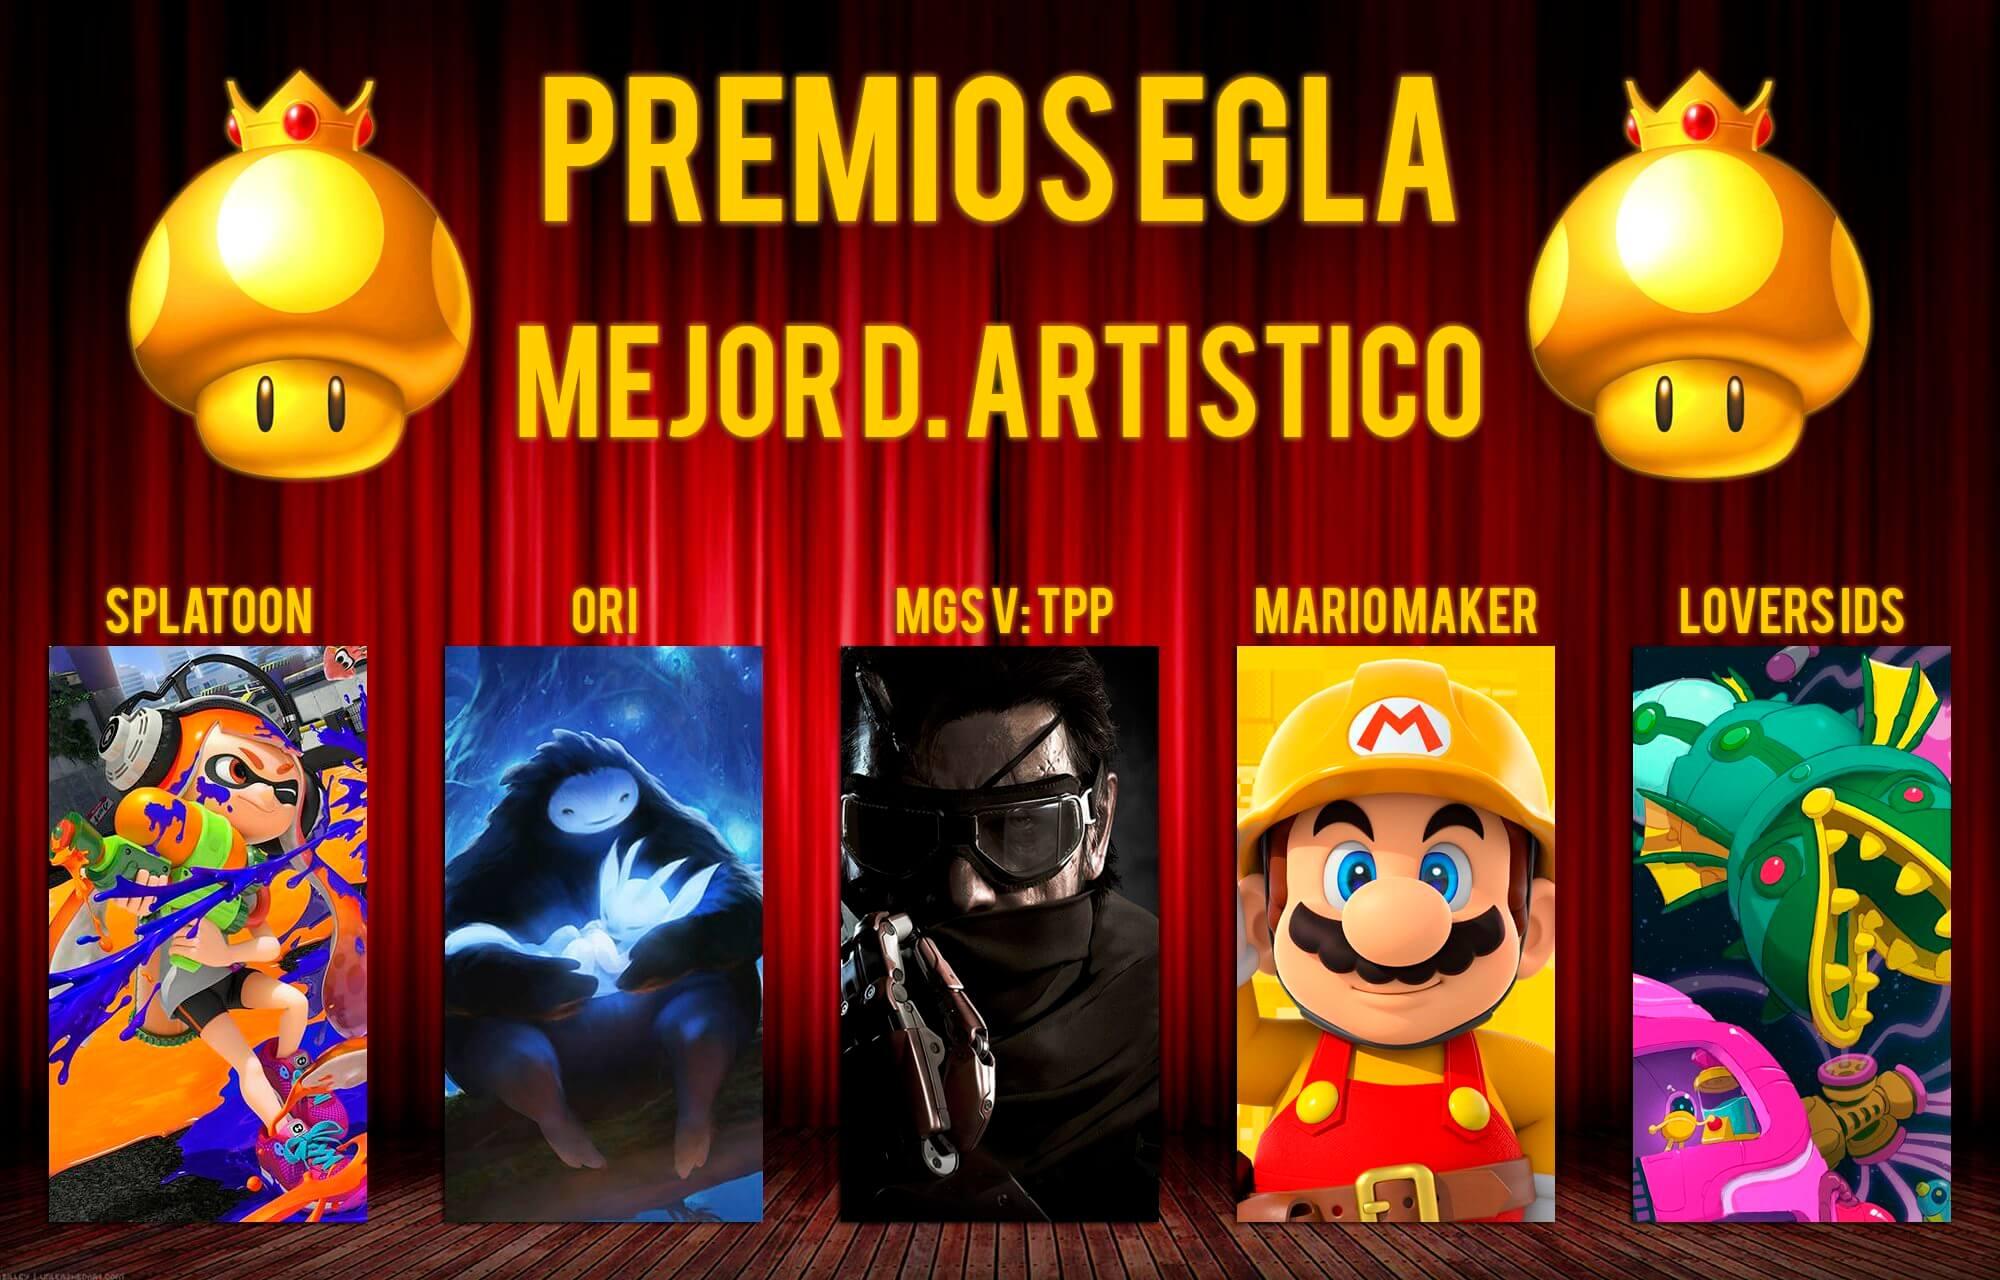 Premios EGLA 2015 Mejor diseño artístico